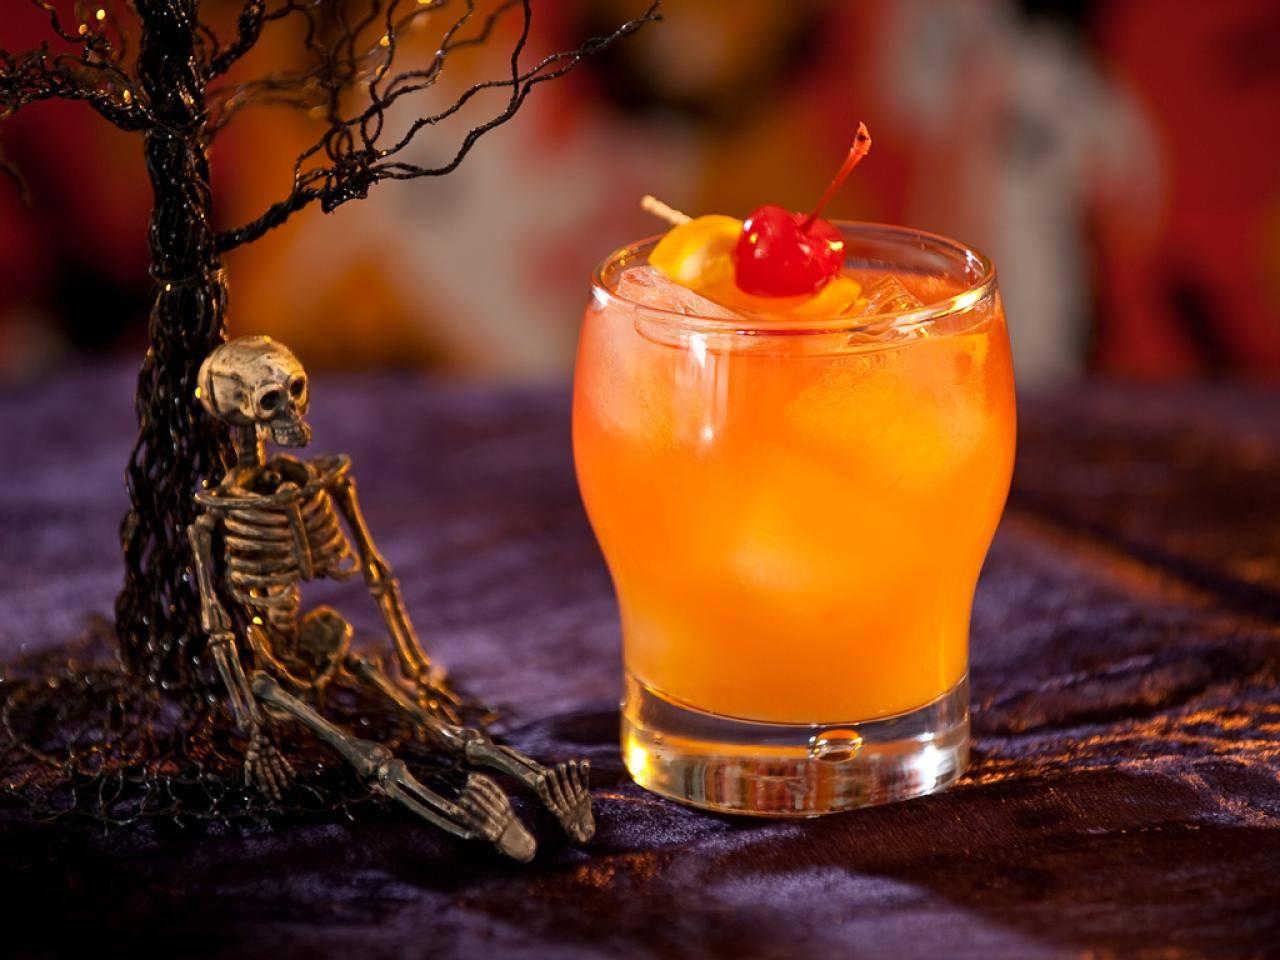 Алкогольные напитки на хэллоуин: идеи и примеры коктейлей